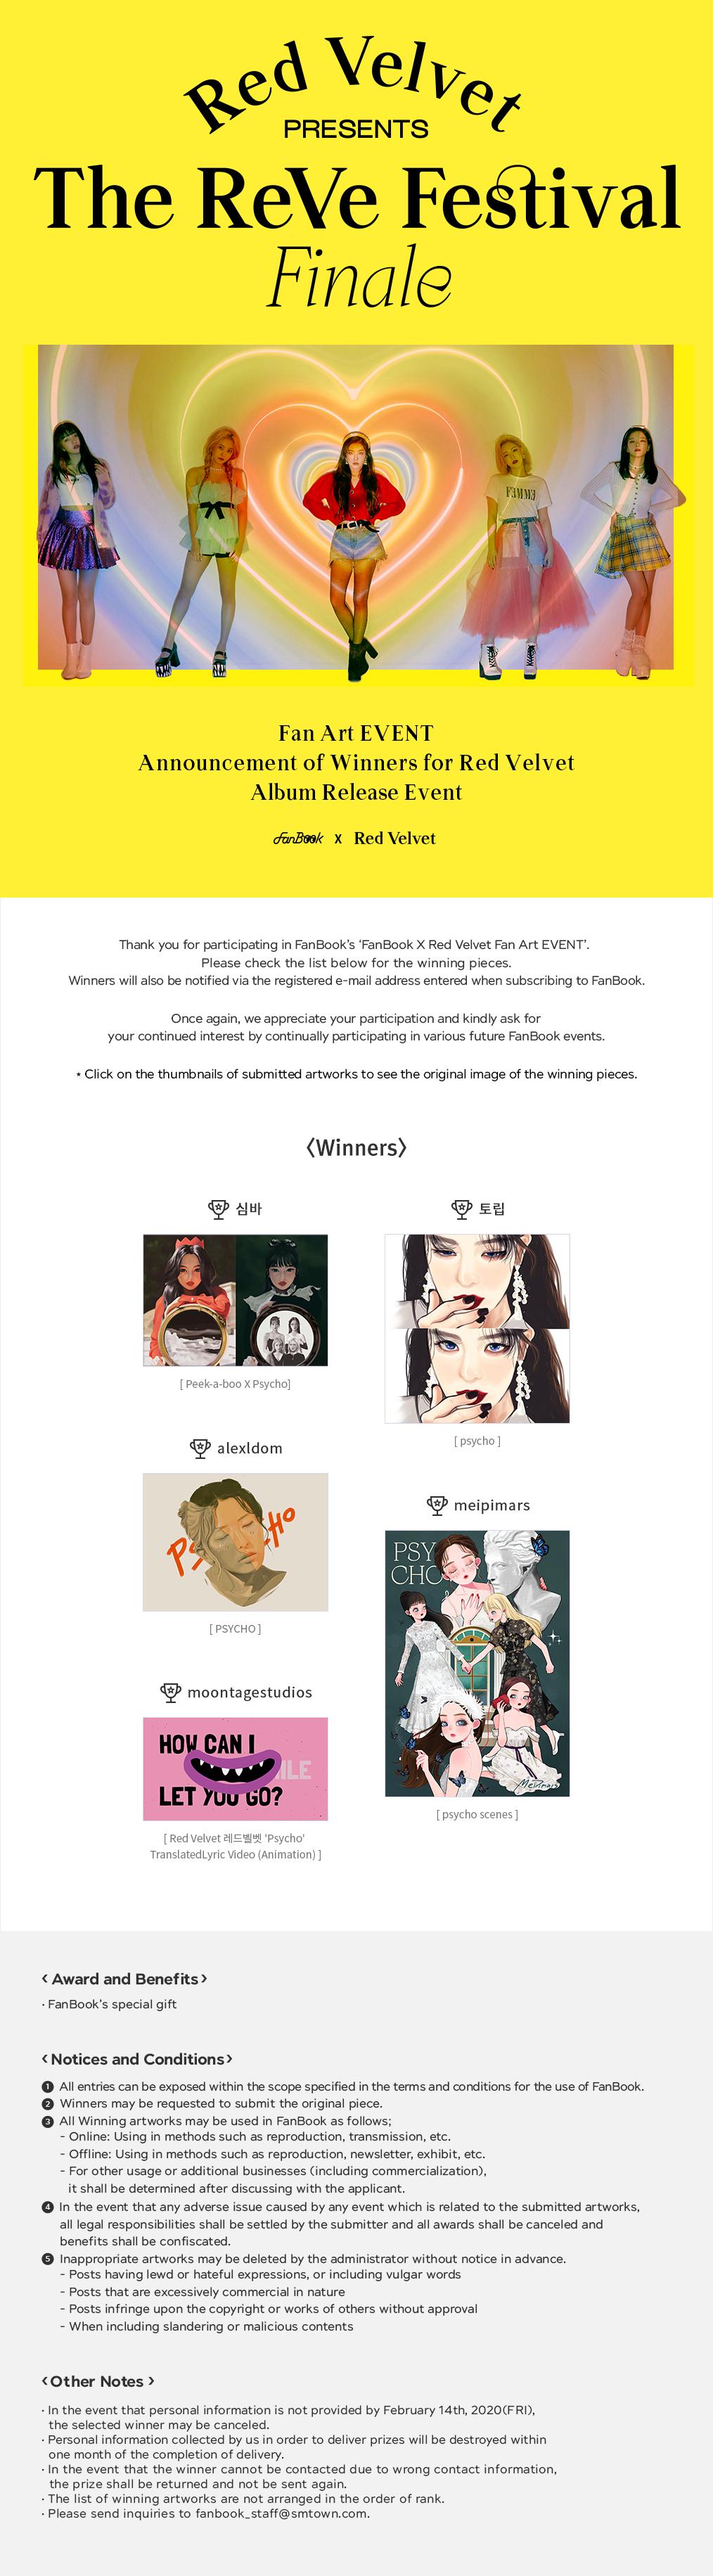 FanBook X Red Velvet Fan Art EVENT